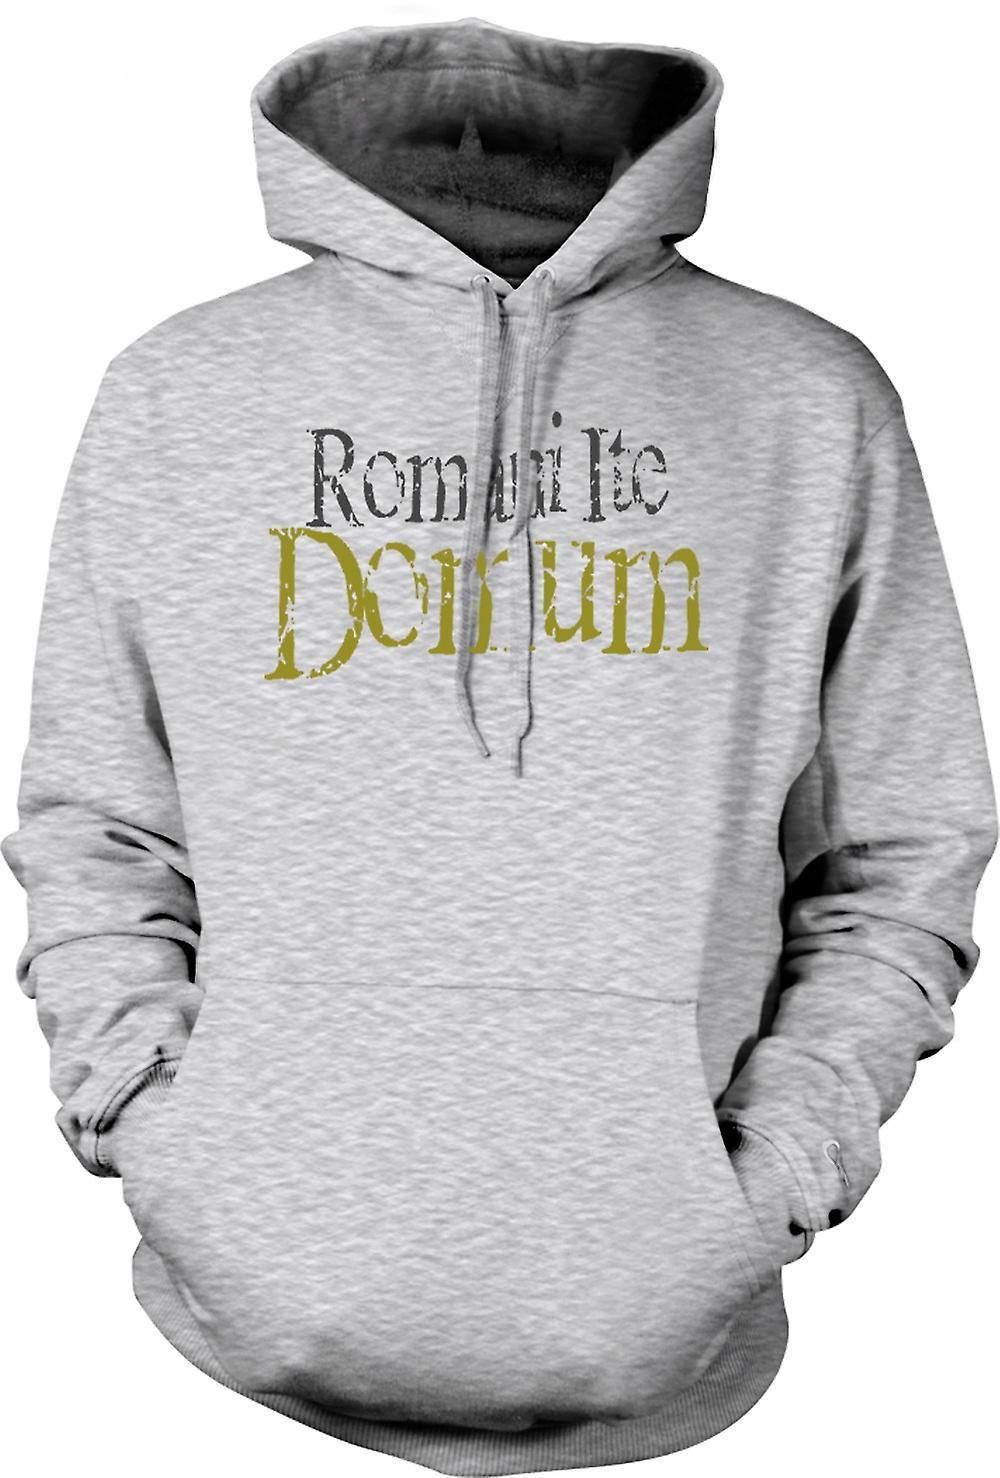 Para hombre con capucha - Romani Ite Domum - gracioso